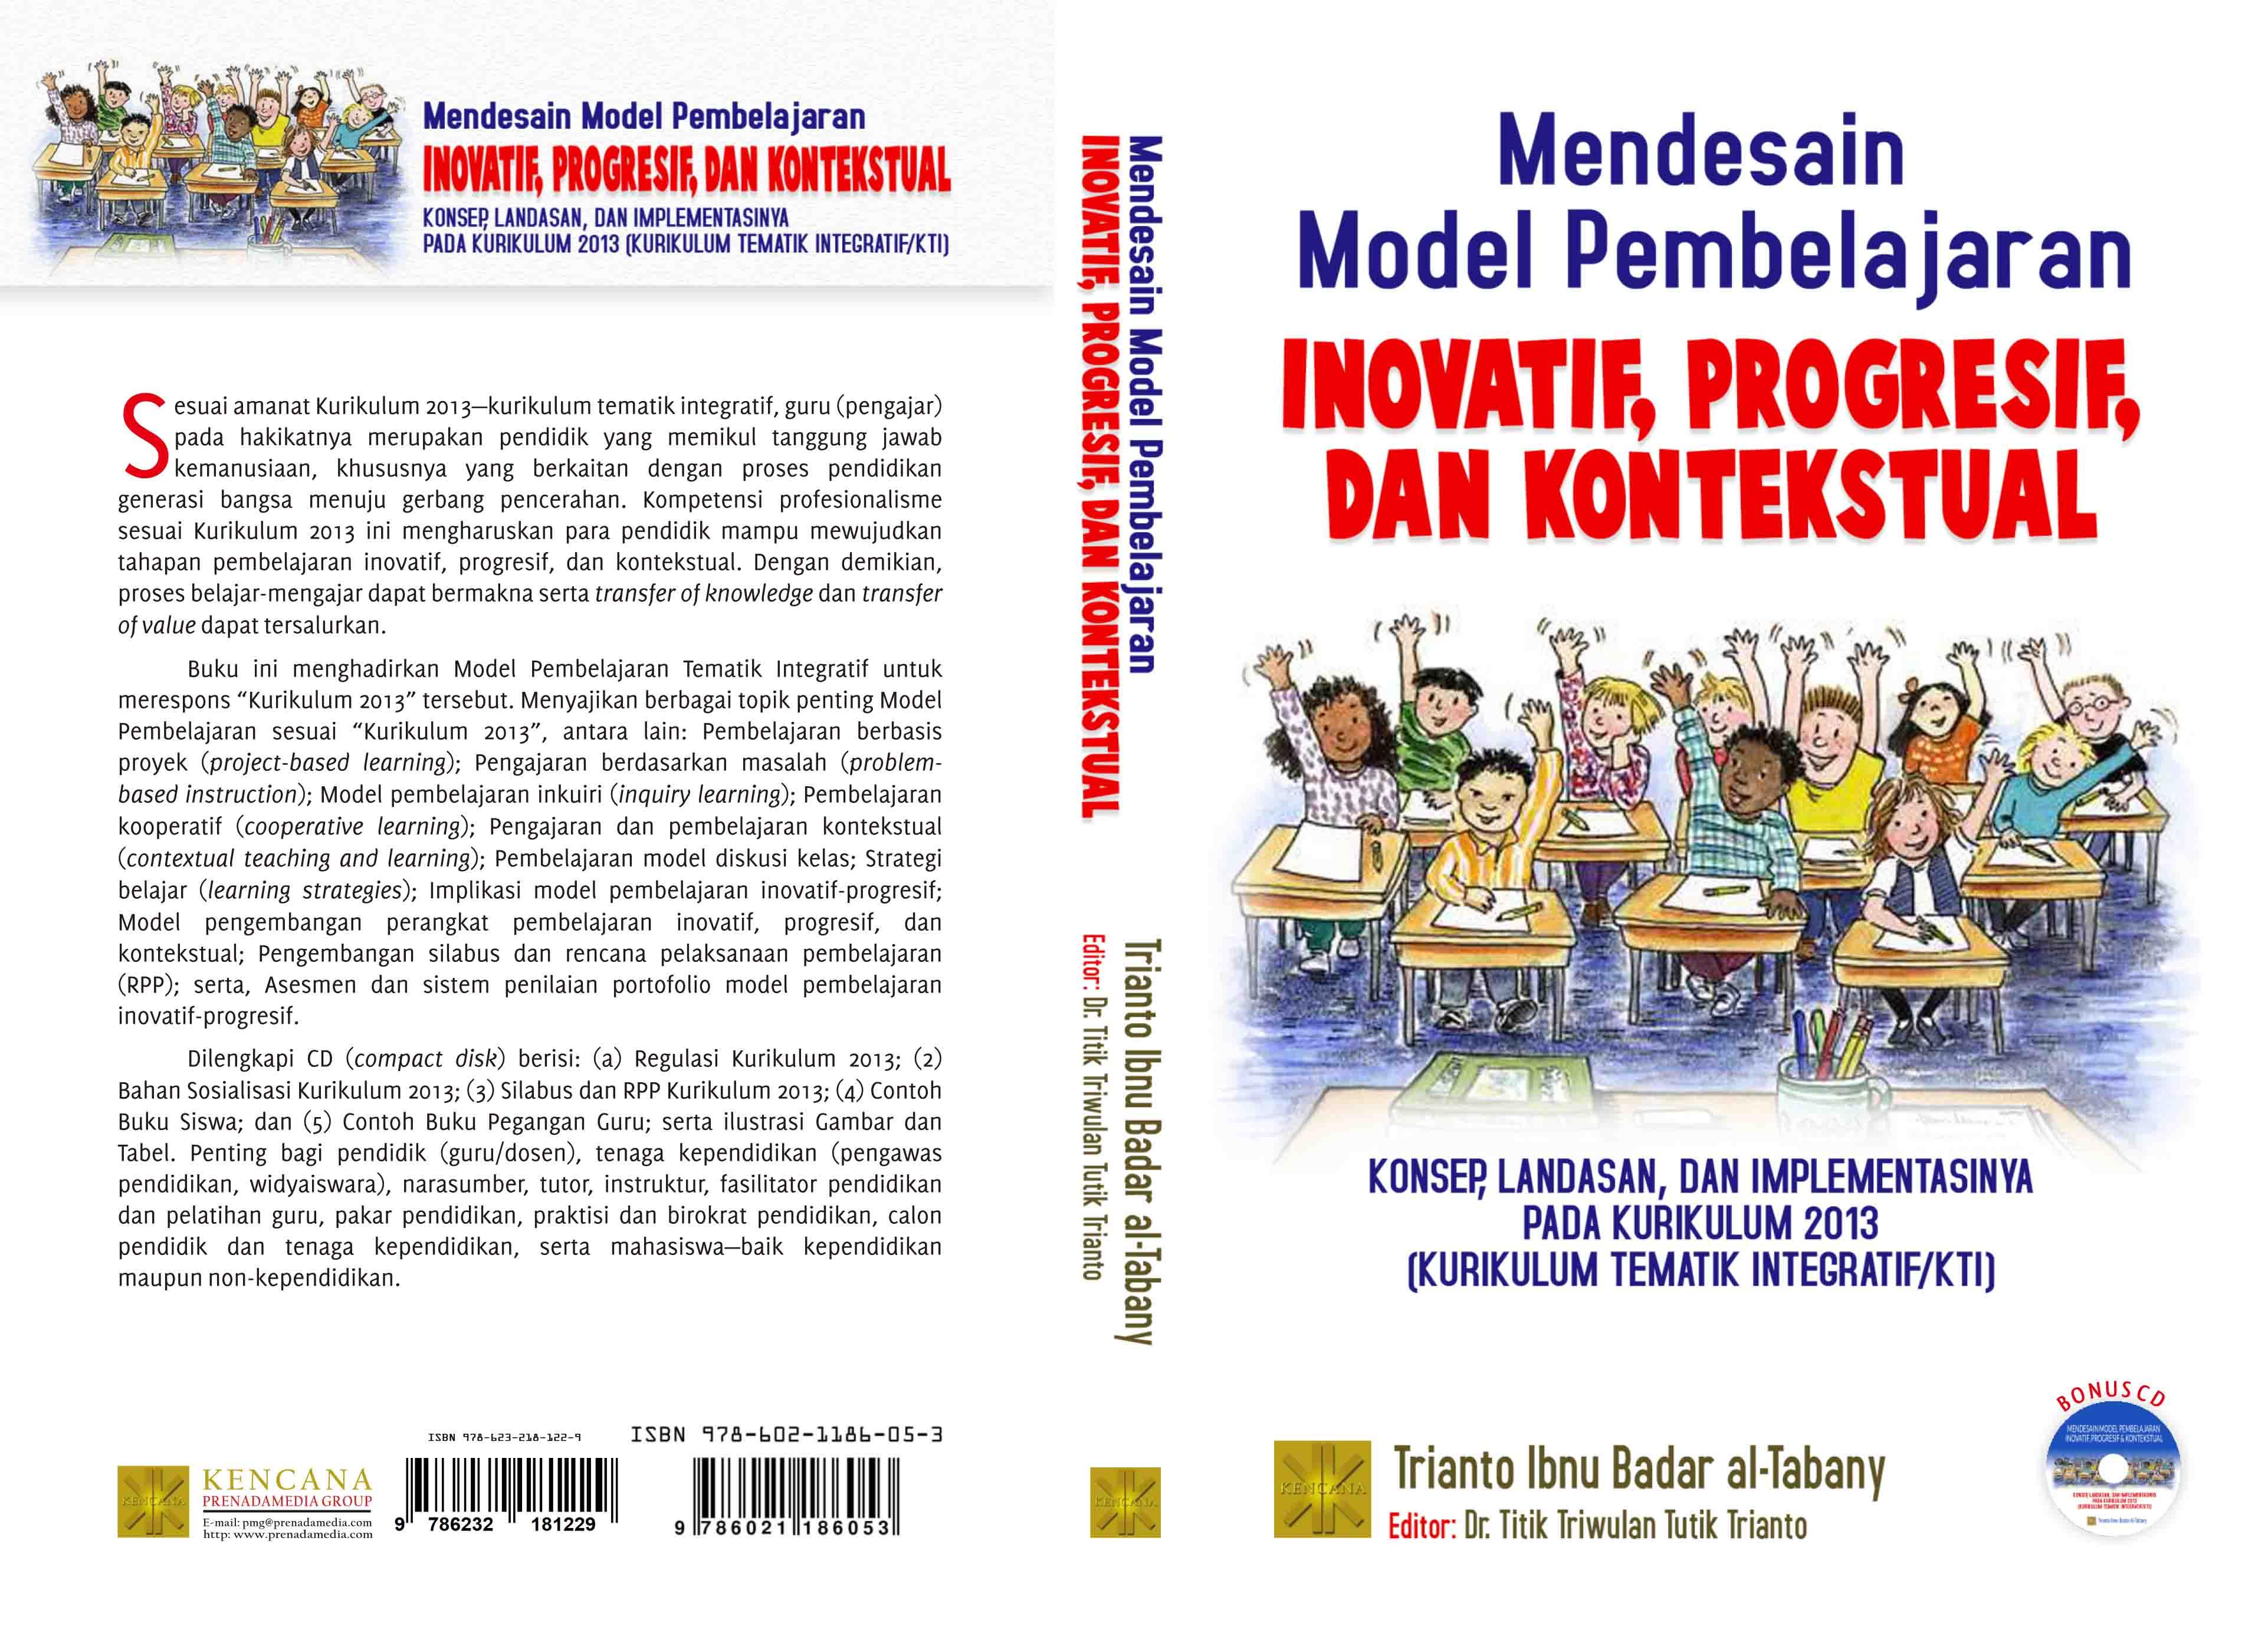 Mendesain model pembelajaran inovatif, progresif , dan kontekstual [sumber elektronis] : konsep, landasan, dan implementasinya pada kurikulum 2013 (kurikulum tematik integratif/KTI)